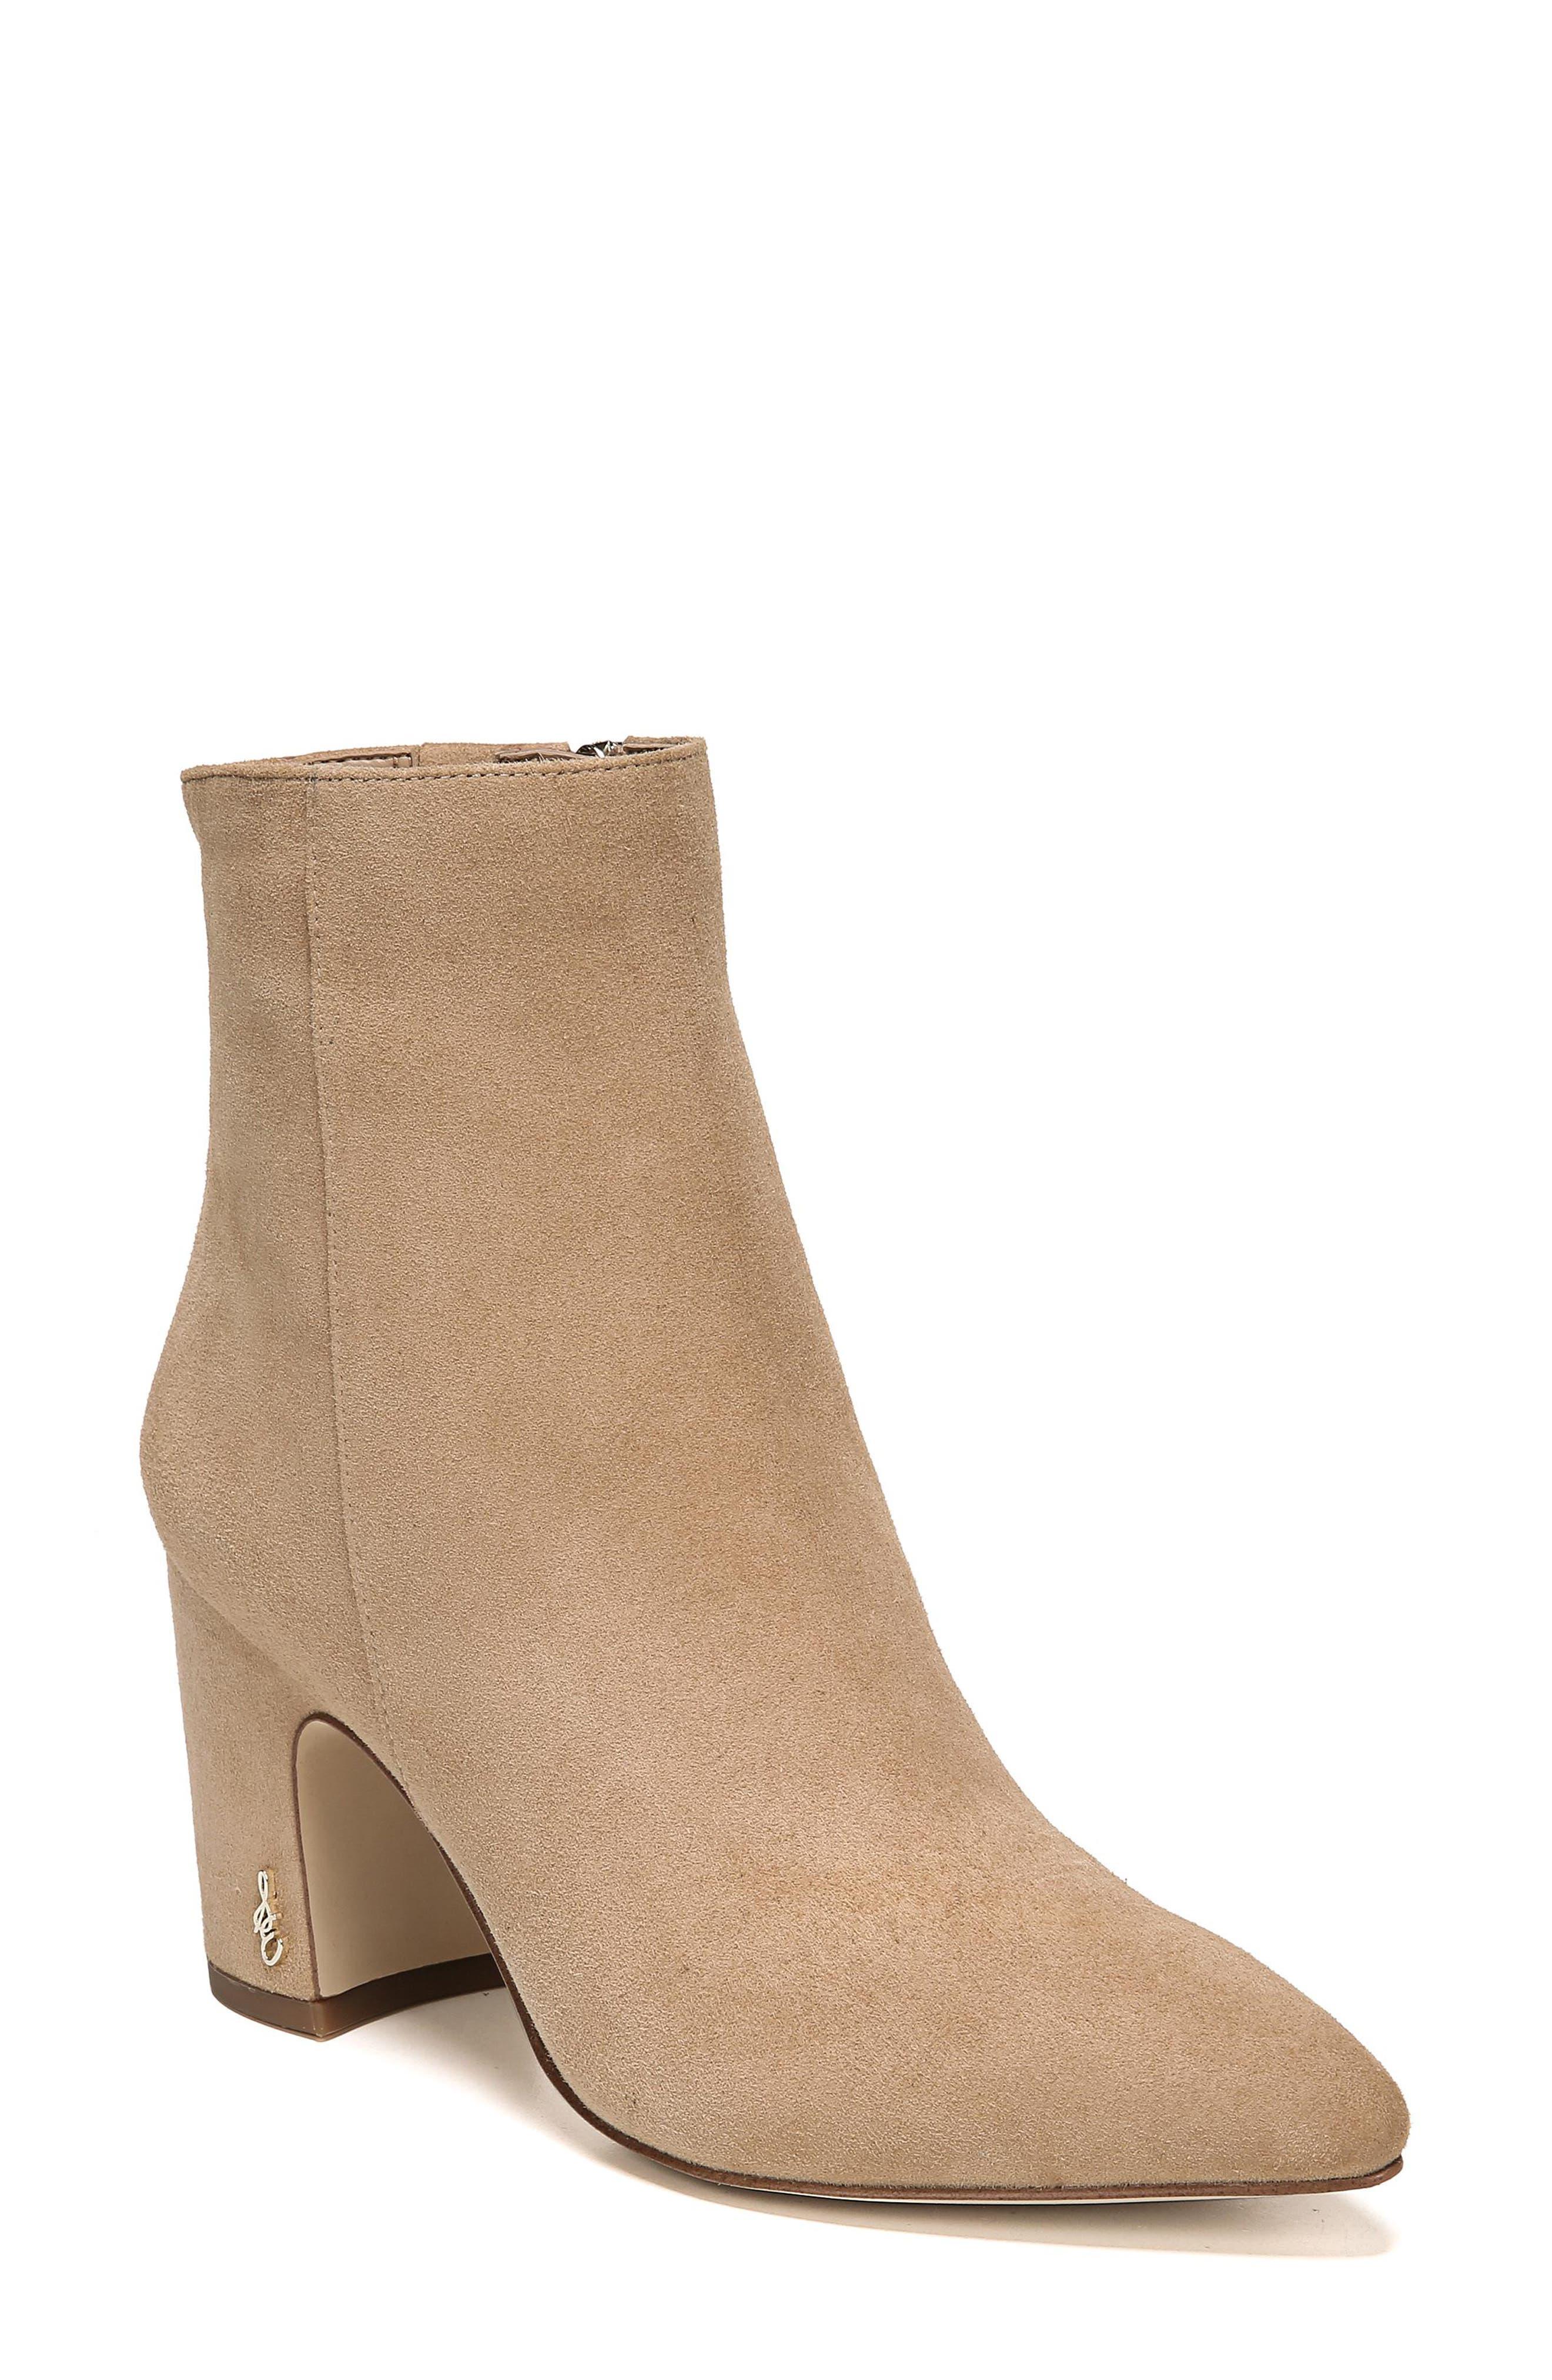 da804656b4d71 Women s Sam Edelman Booties   Ankle Boots